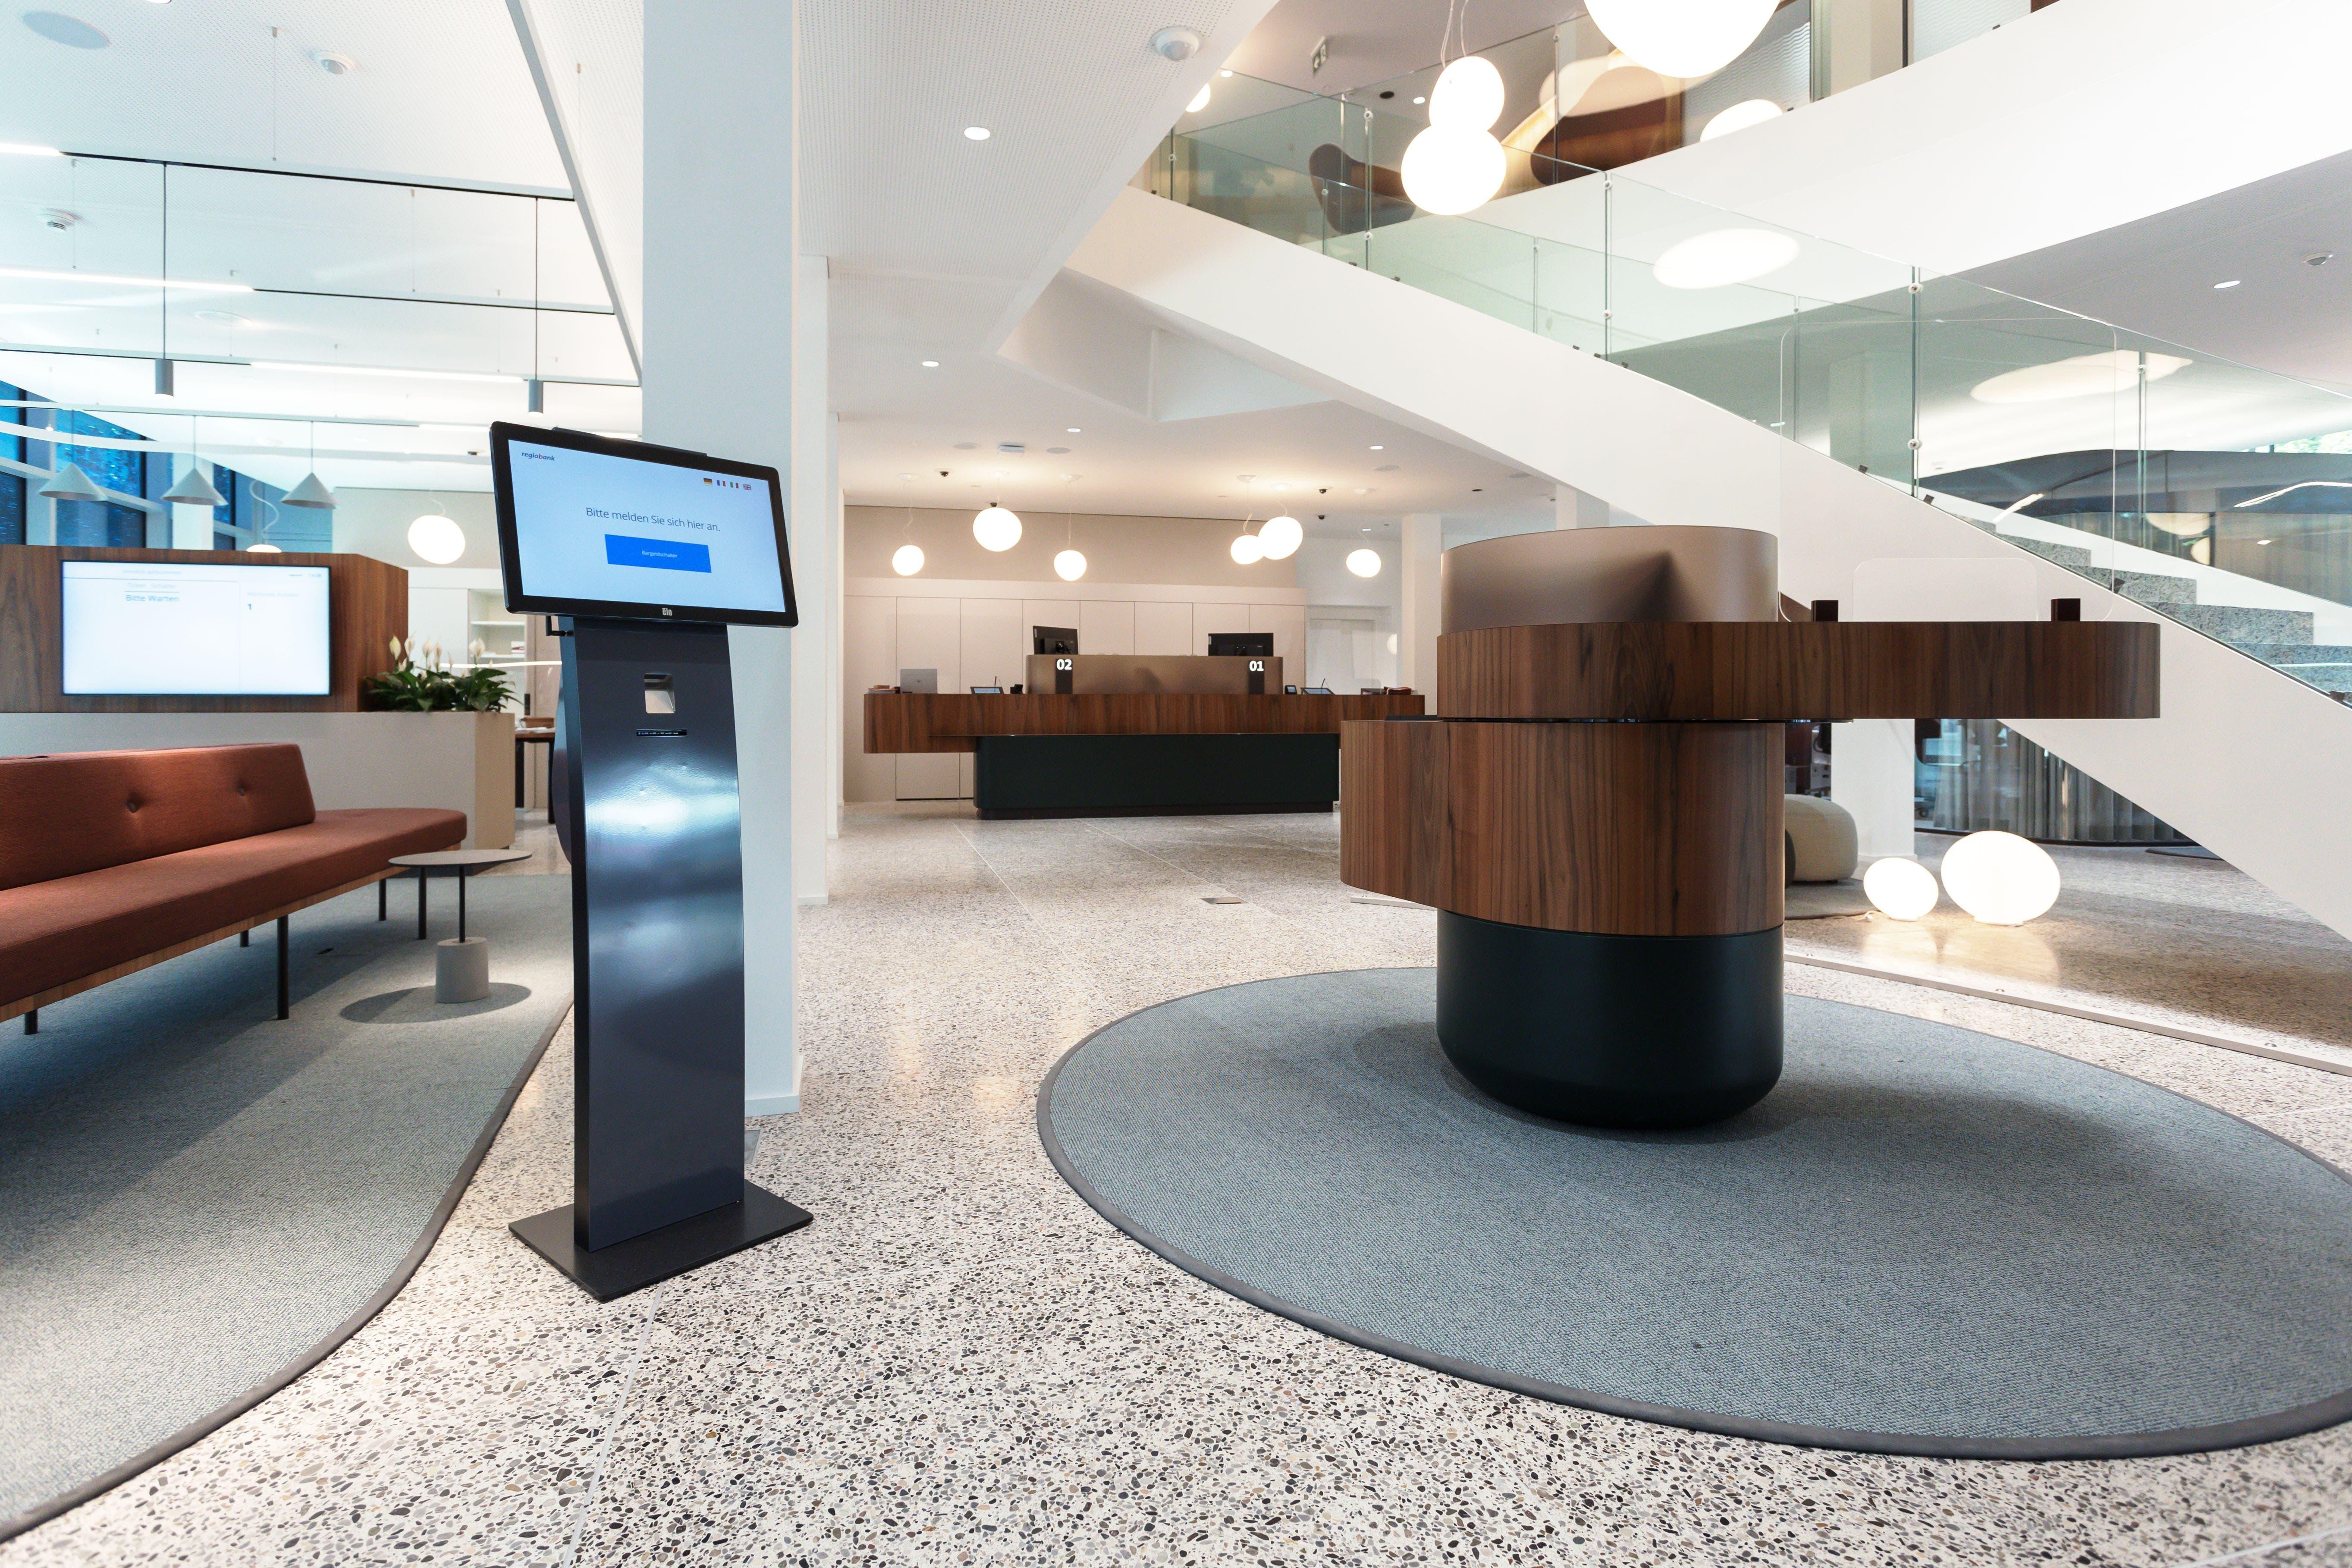 Eingangsbereich mit Sicht auf das Welcome-Desk